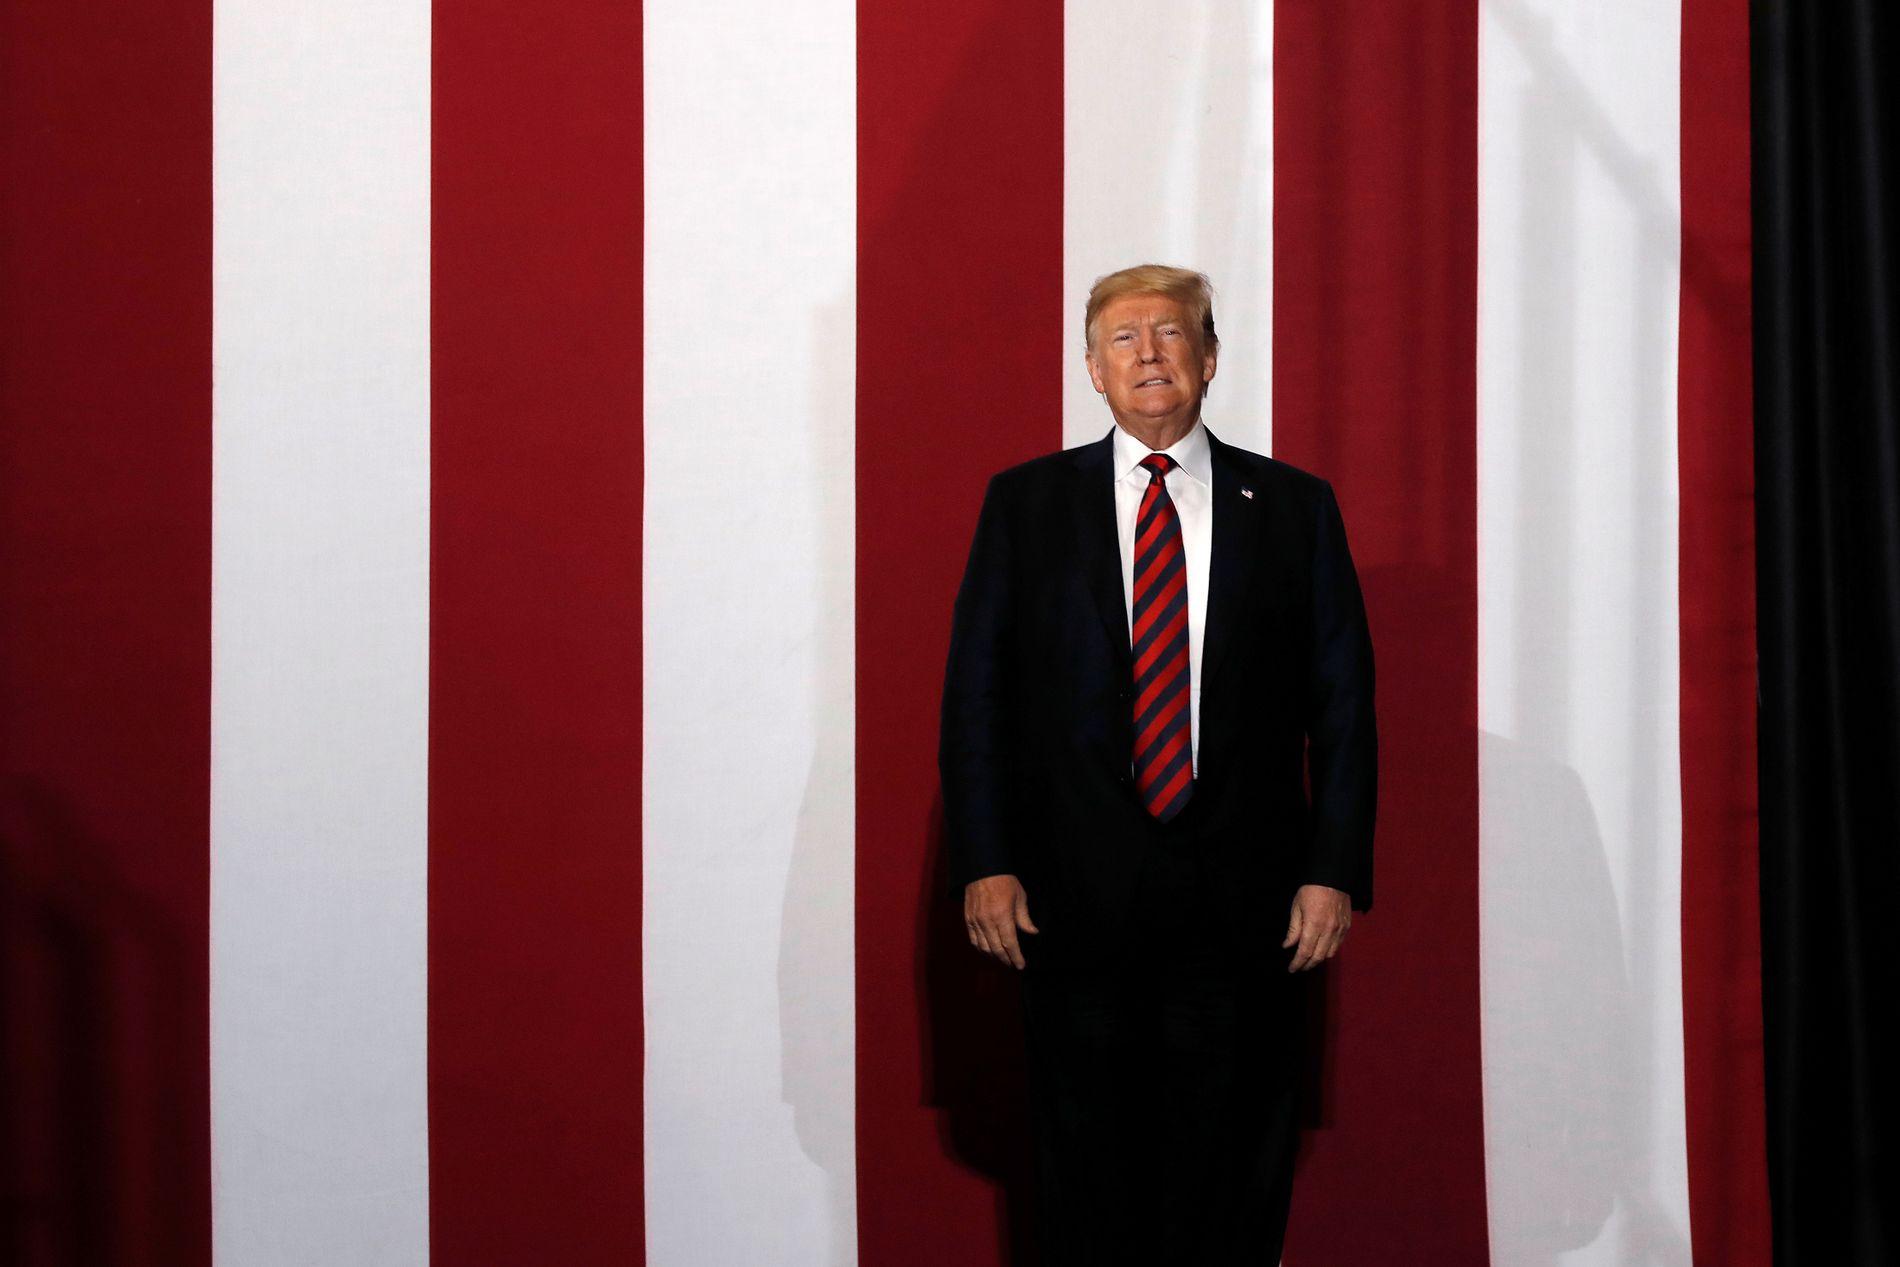 PÅ VALGKAMPMØTE: Donald Trump entrer her scenen på et valgkamprally i Springfield, Missouri fredag kveld. Etter det reiste han rett til Bedminster i New Jersey for å tilbringe helgen på sitt eget golfanlegg.